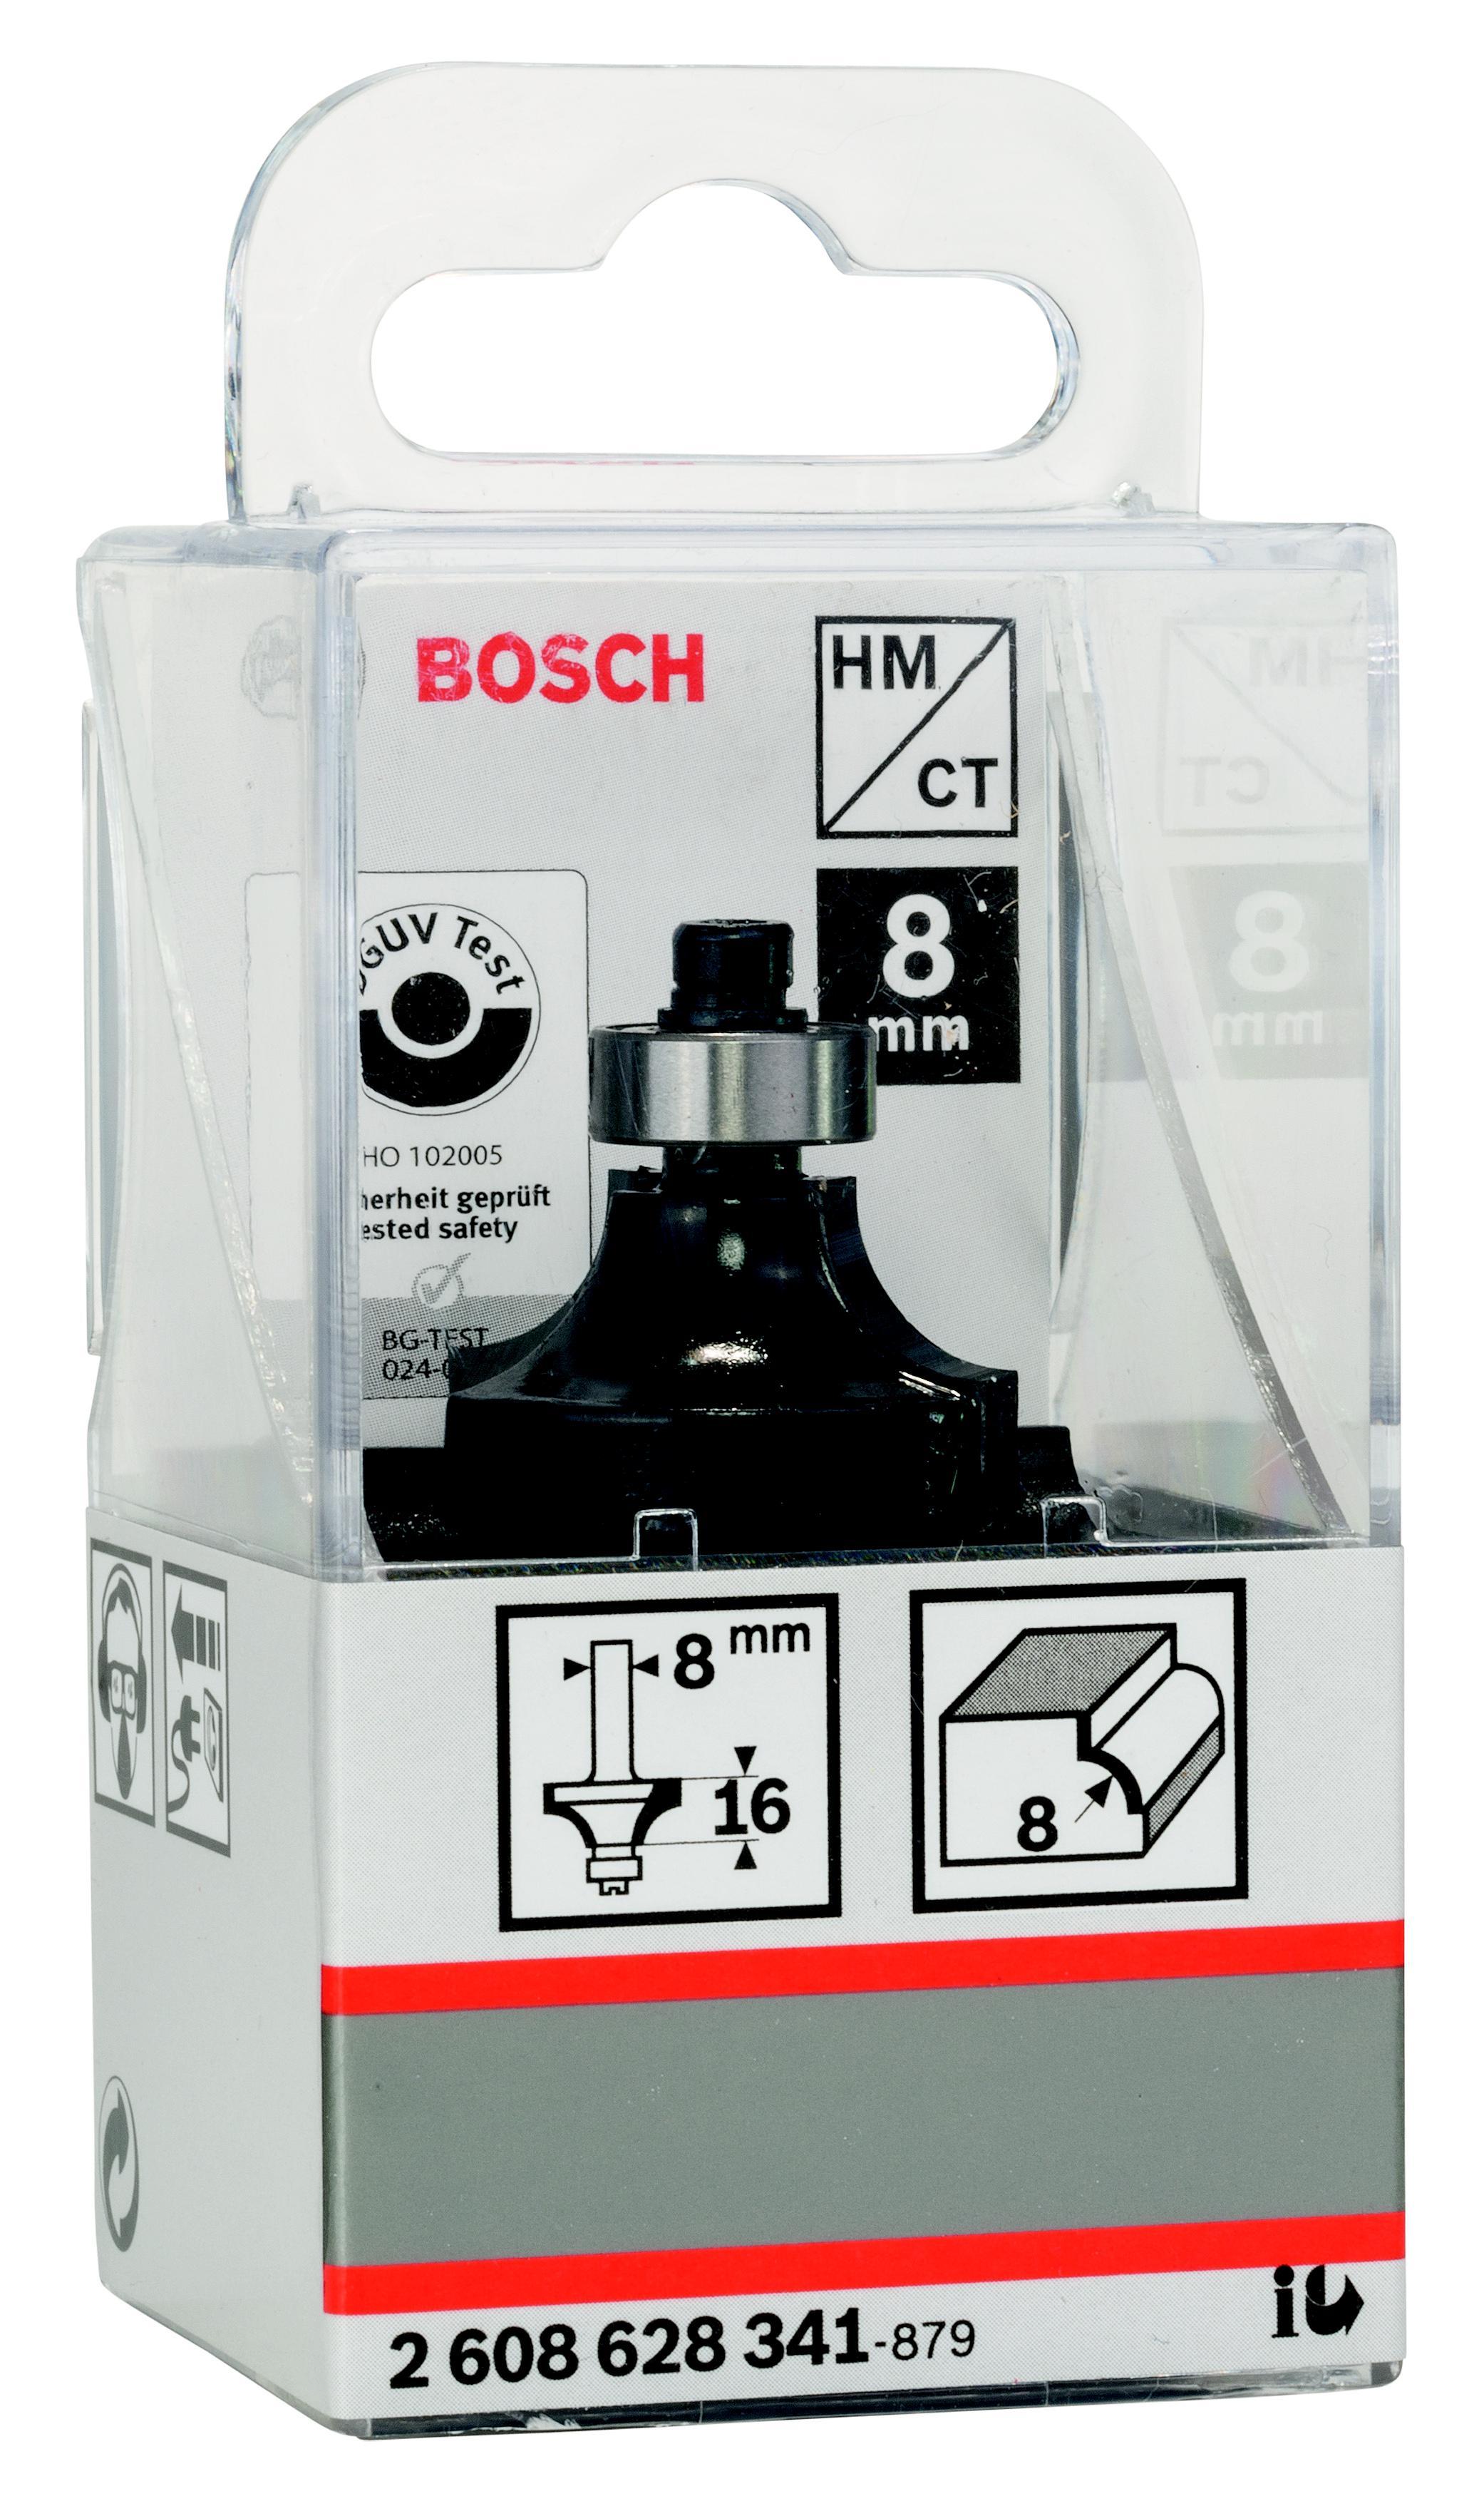 Фреза Bosch карнизная 8/16/8 (2.608.628.341) браслет тигровый глаз 8 мм 16 cм